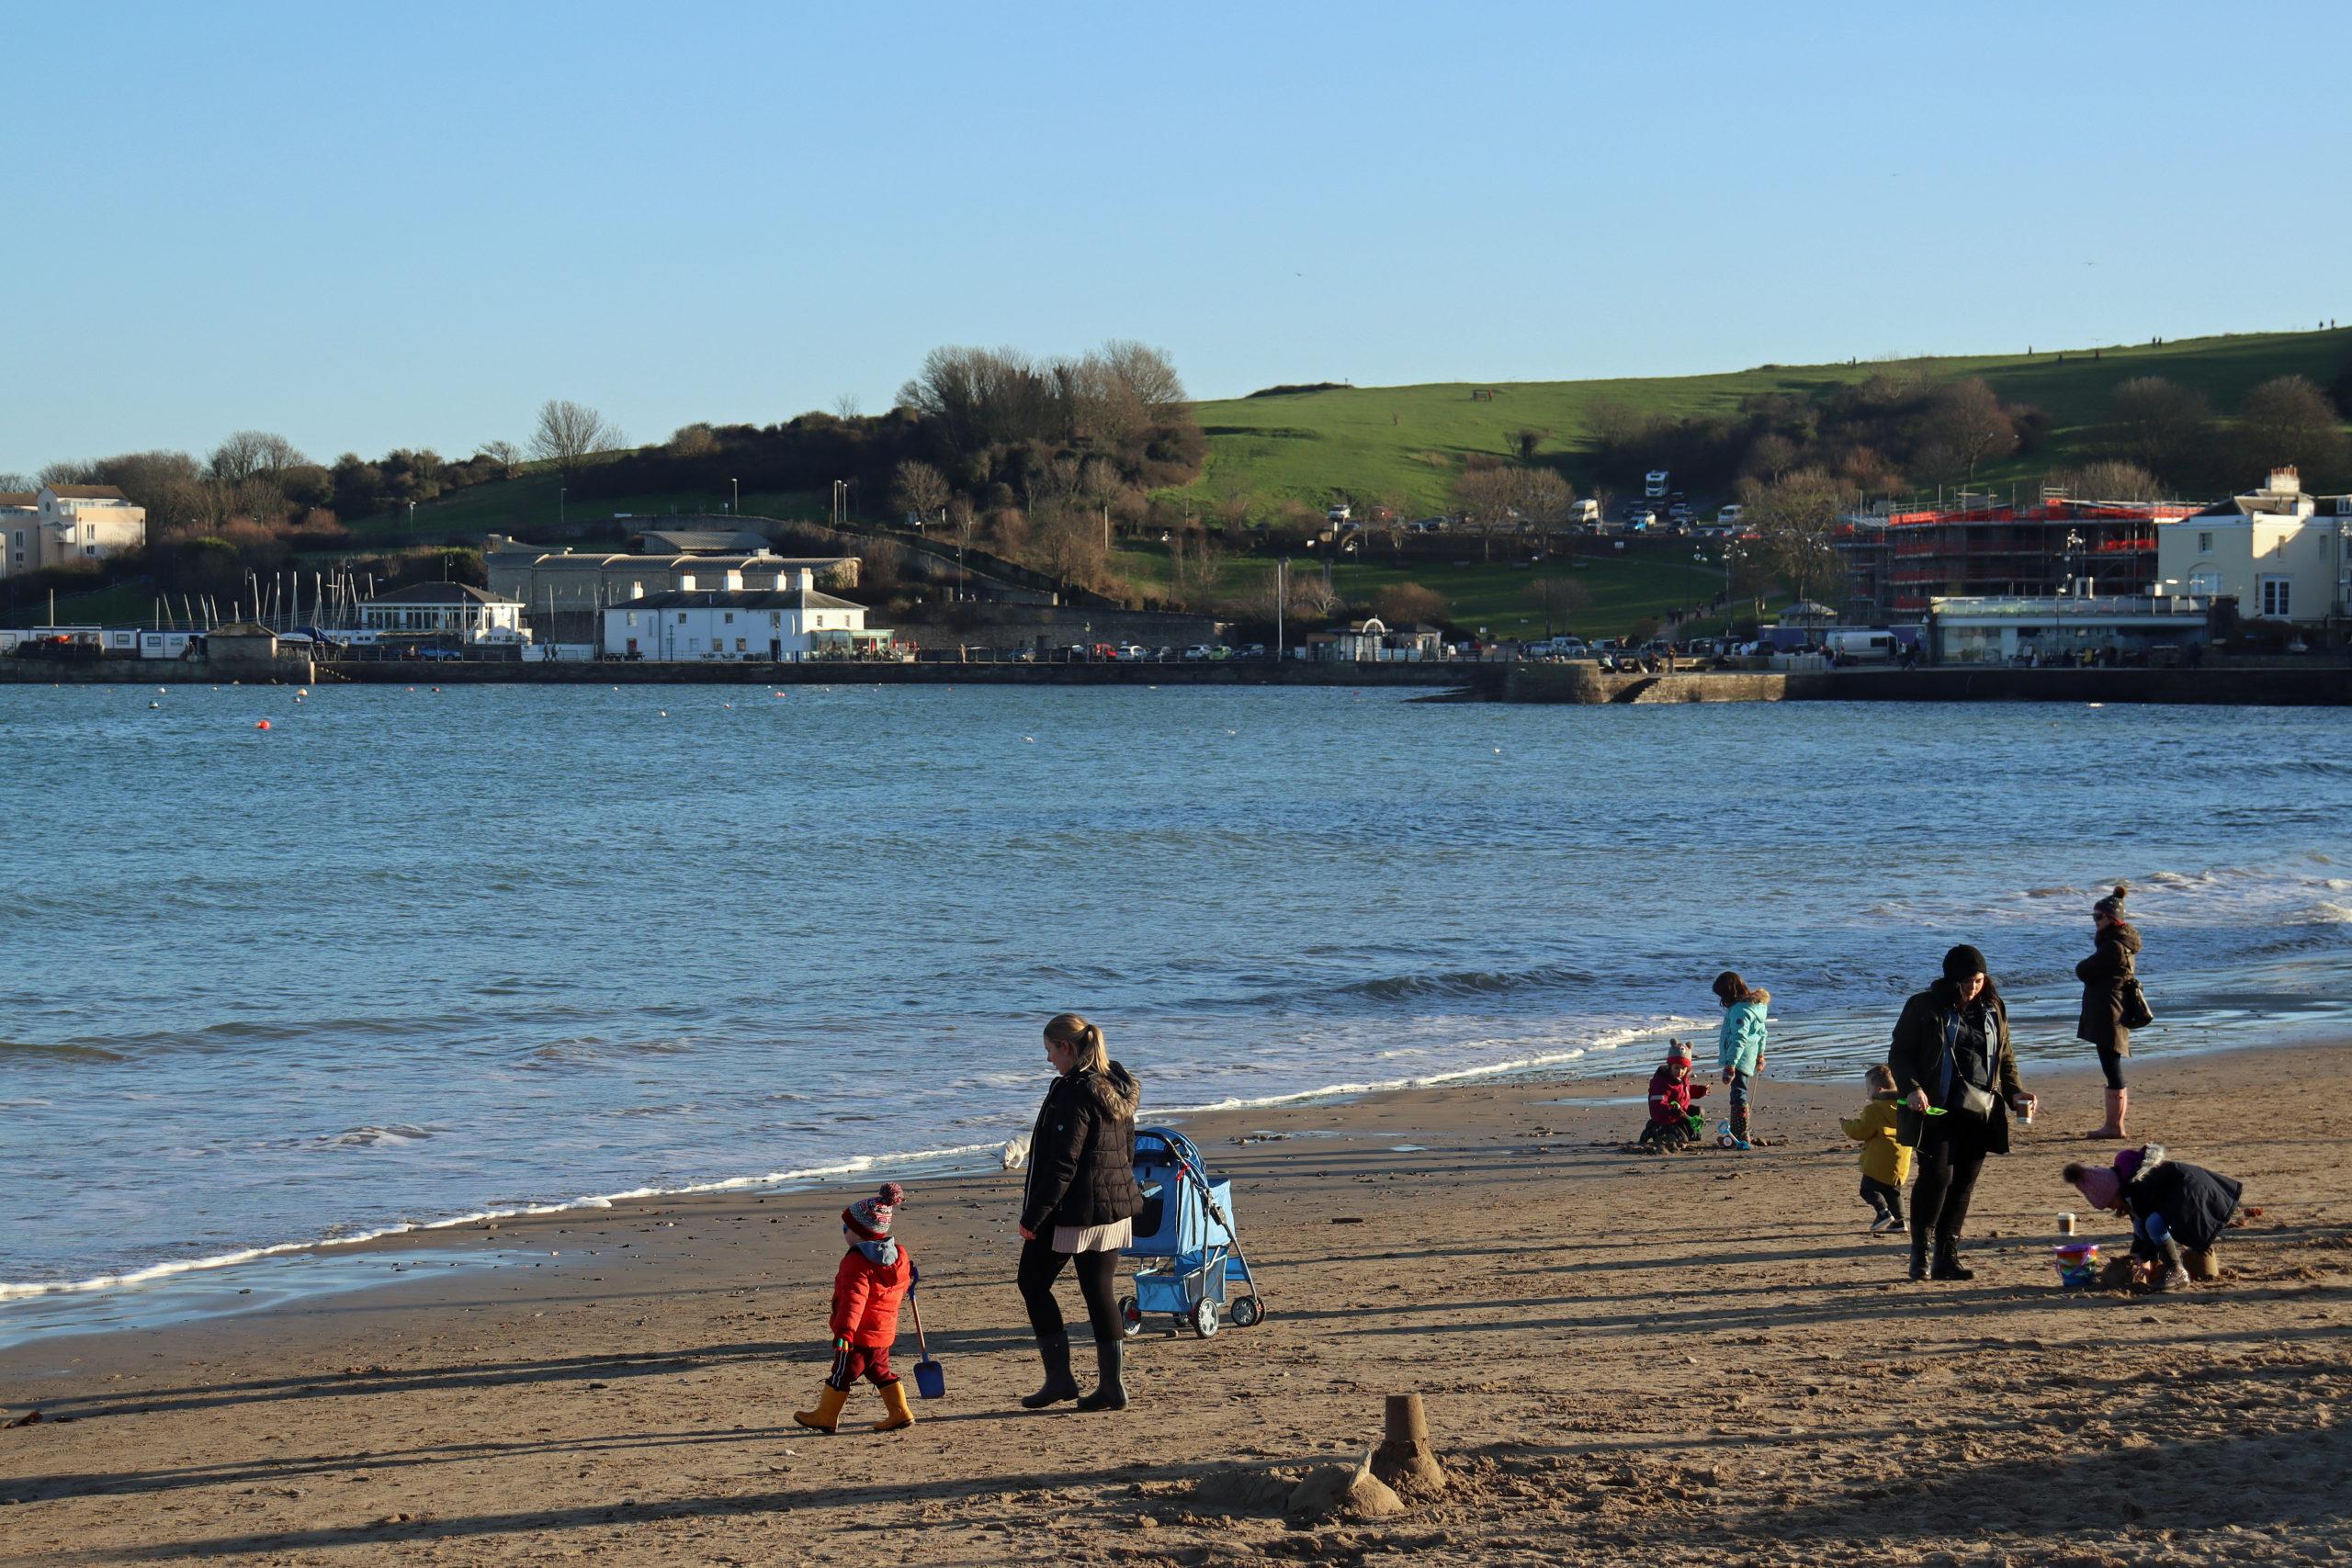 Marine Villas in distance from beach